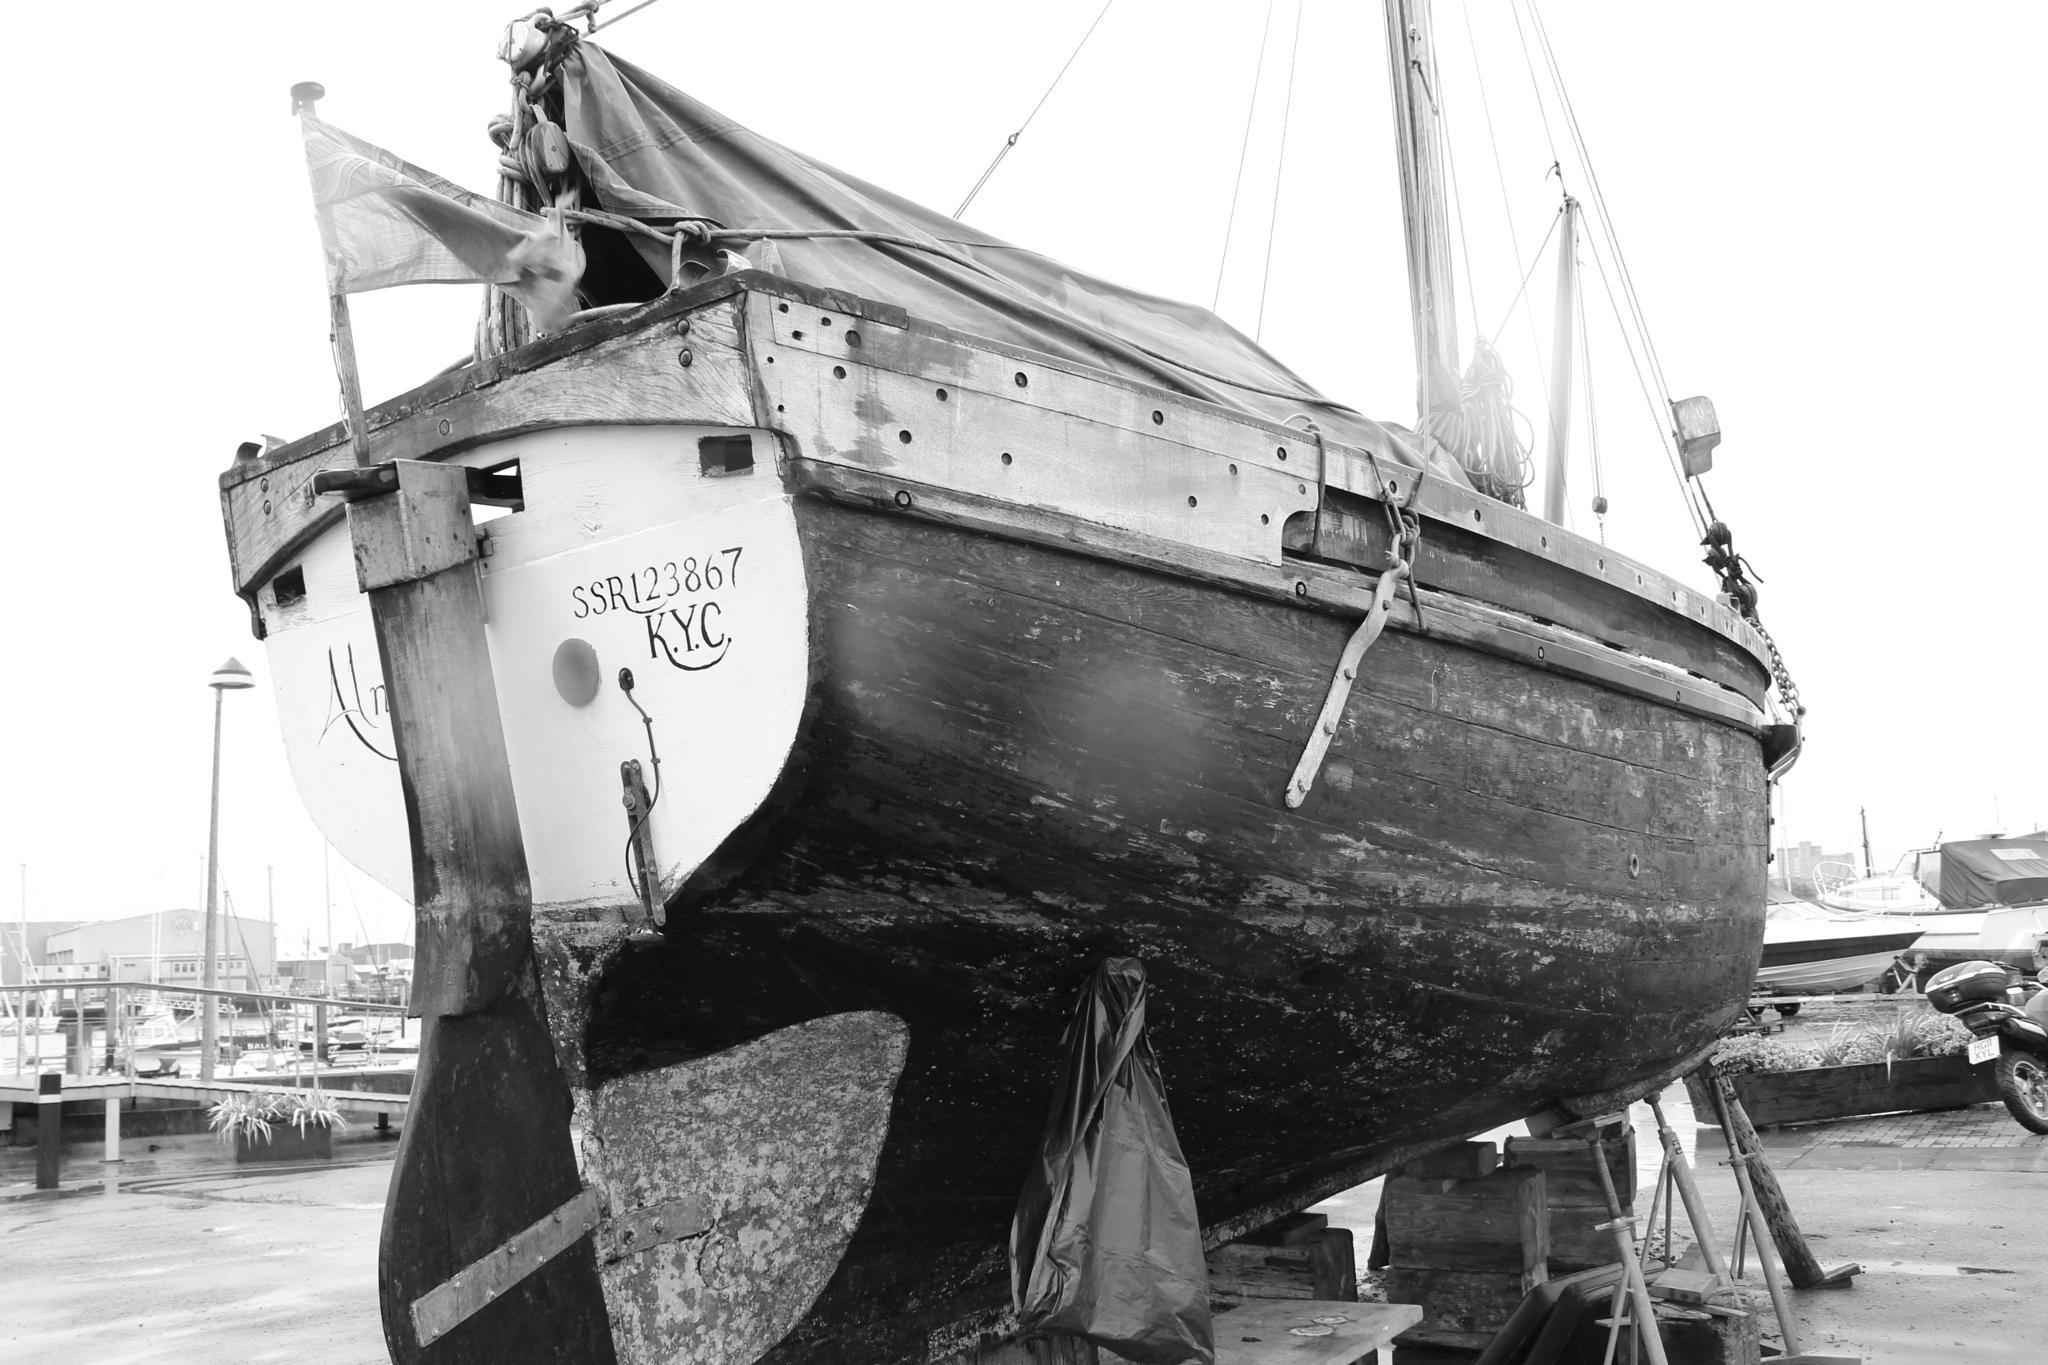 Land Lubber Southampton by jprees1